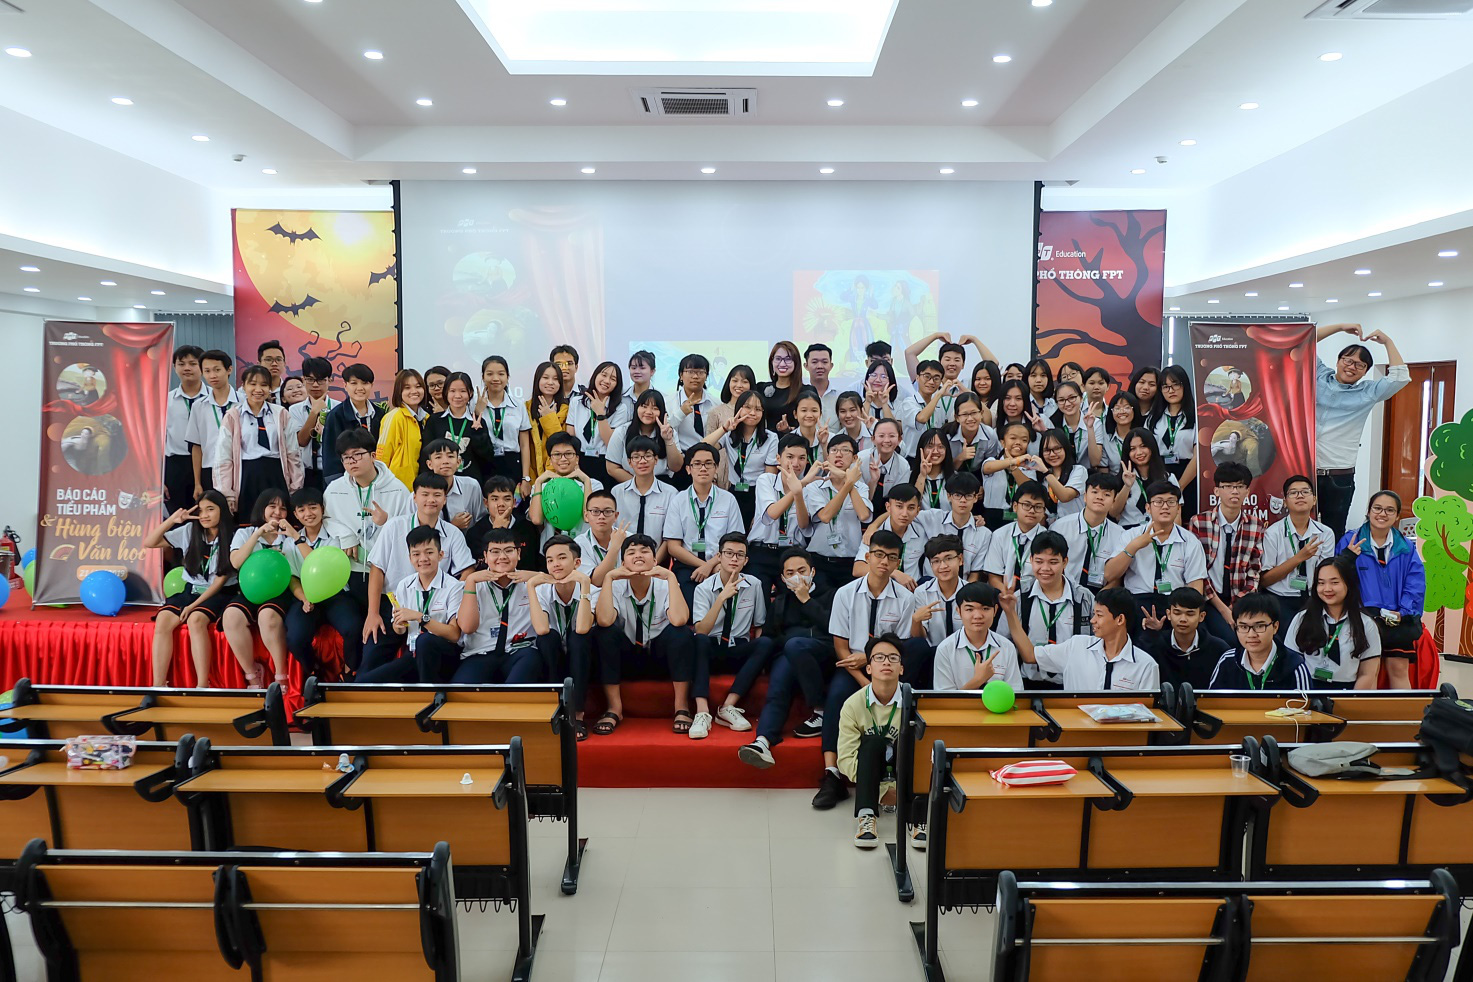 Học sinh Fschool Cần Thơ thỏa sức sáng tạo trong giờ học văn - Ảnh 1.